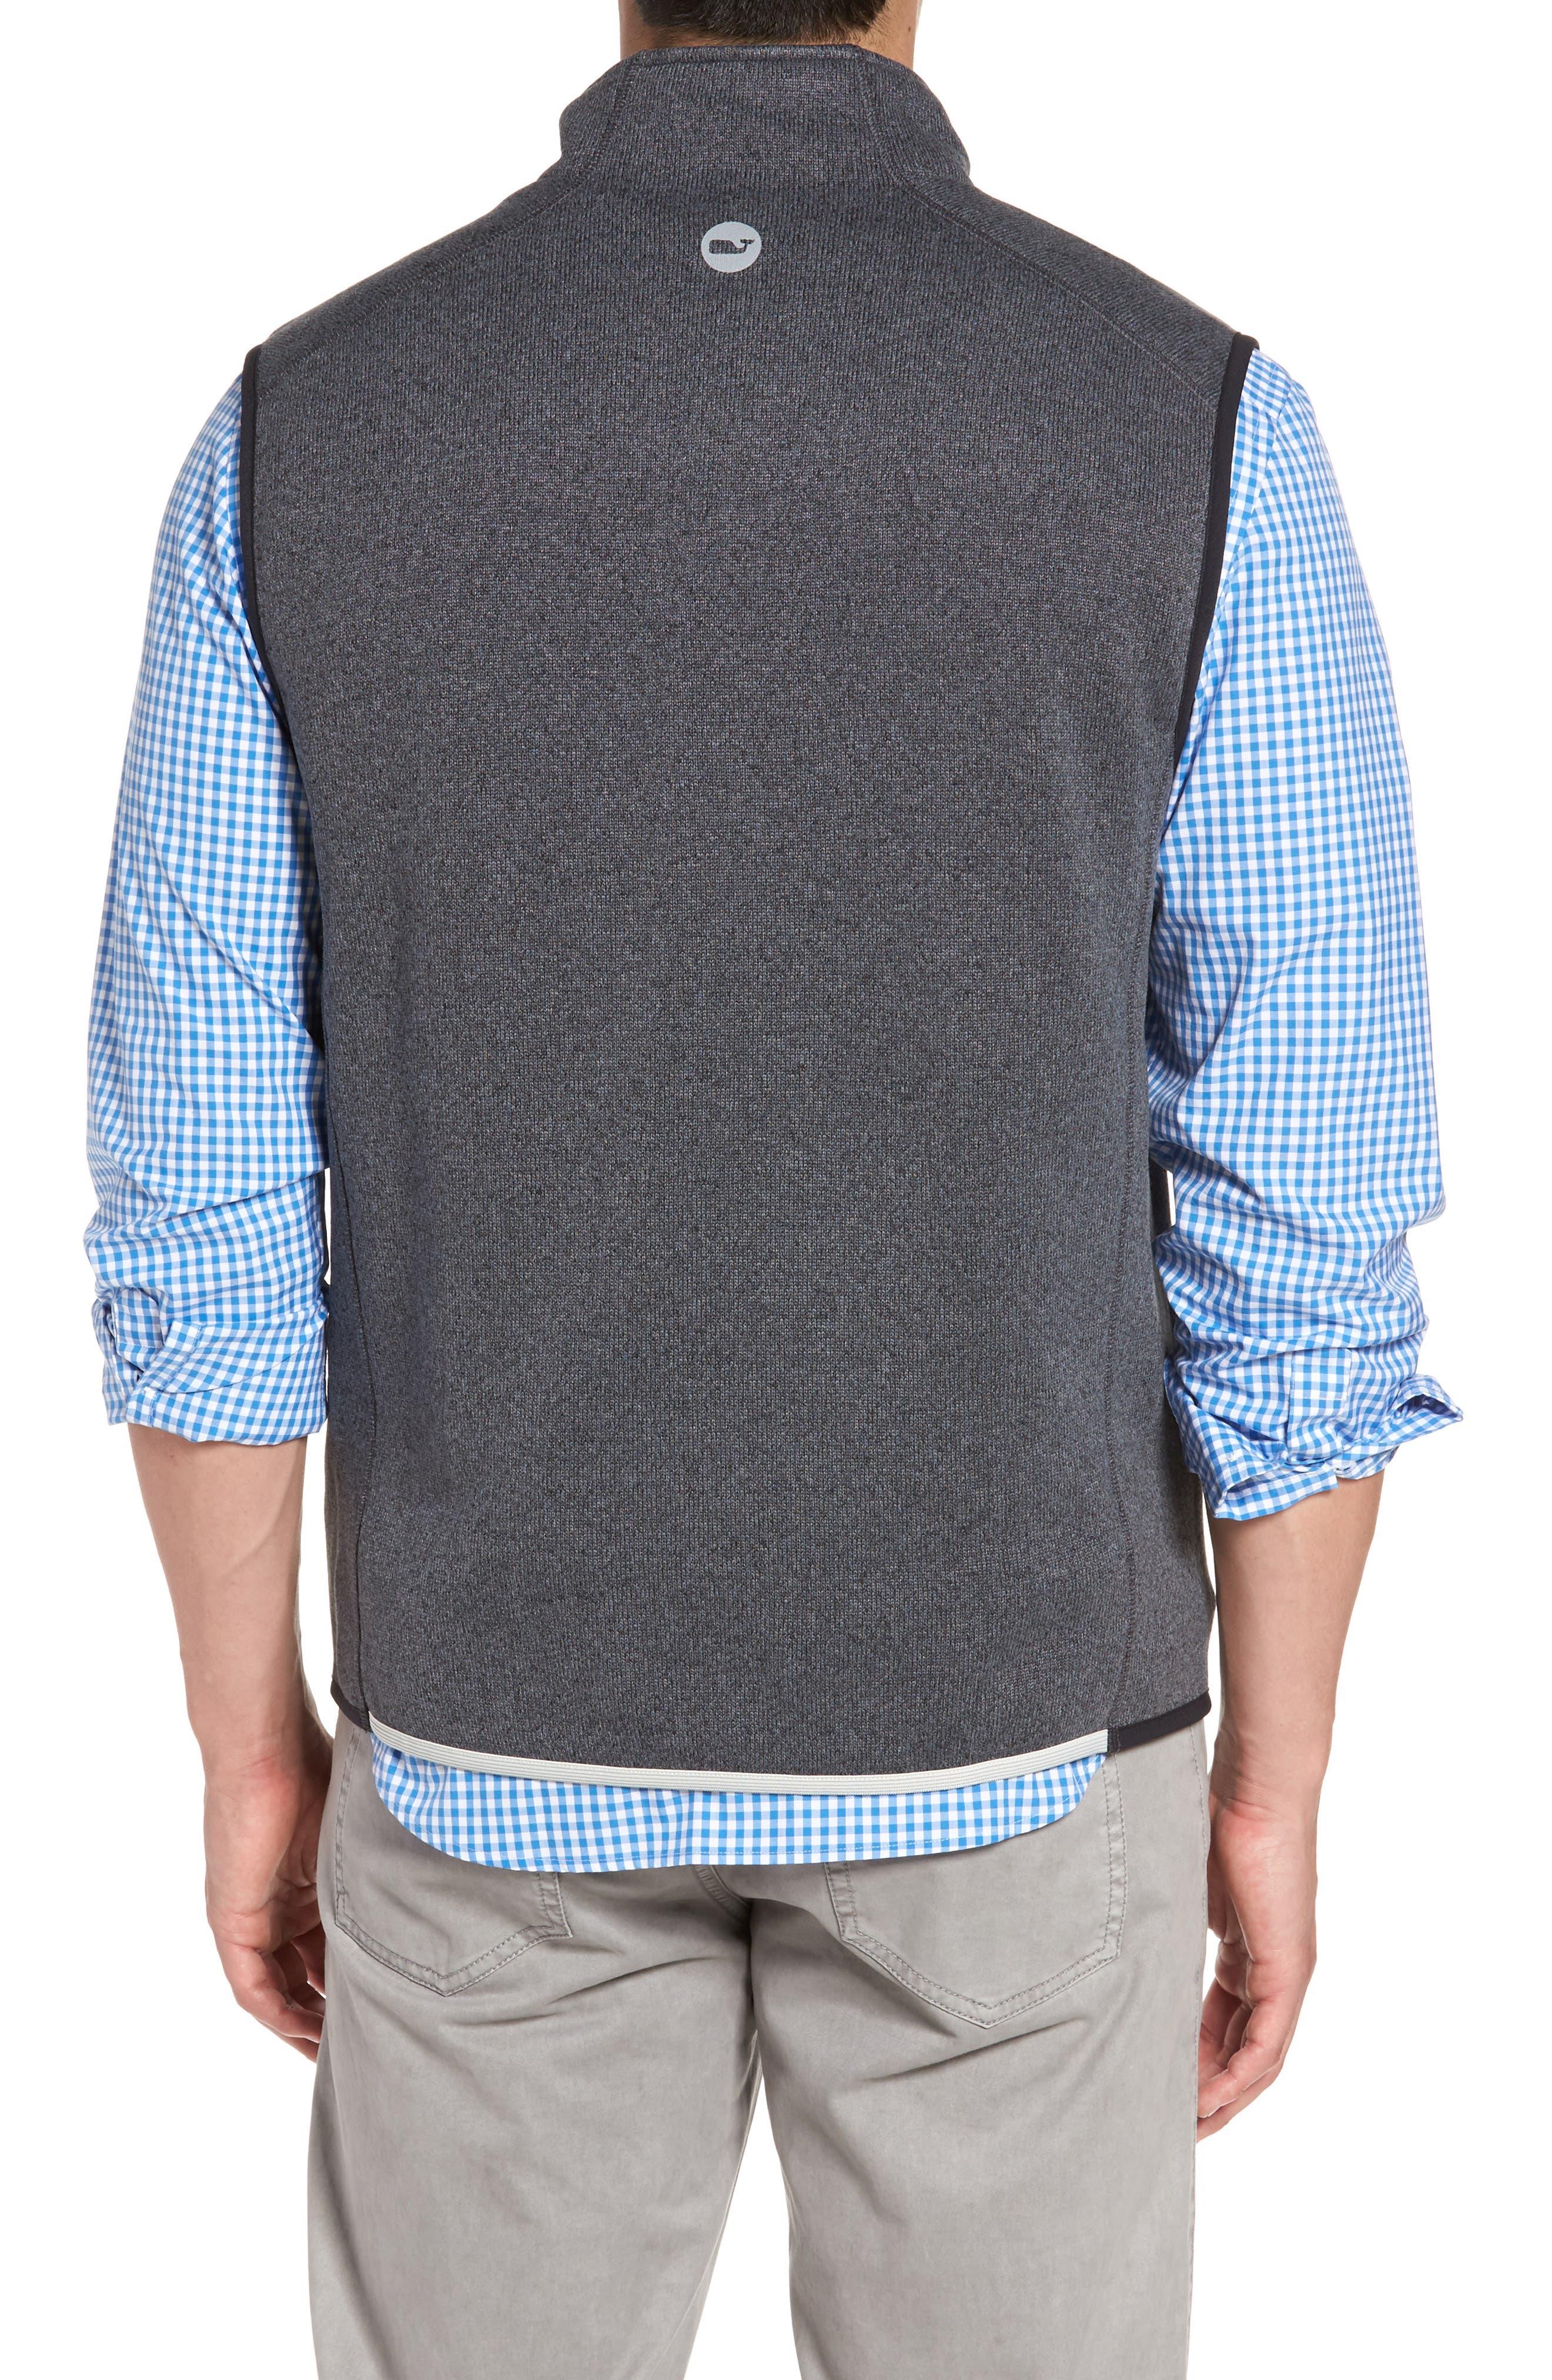 Tech Sweater Fleece Vest,                             Alternate thumbnail 2, color,                             Charcoal